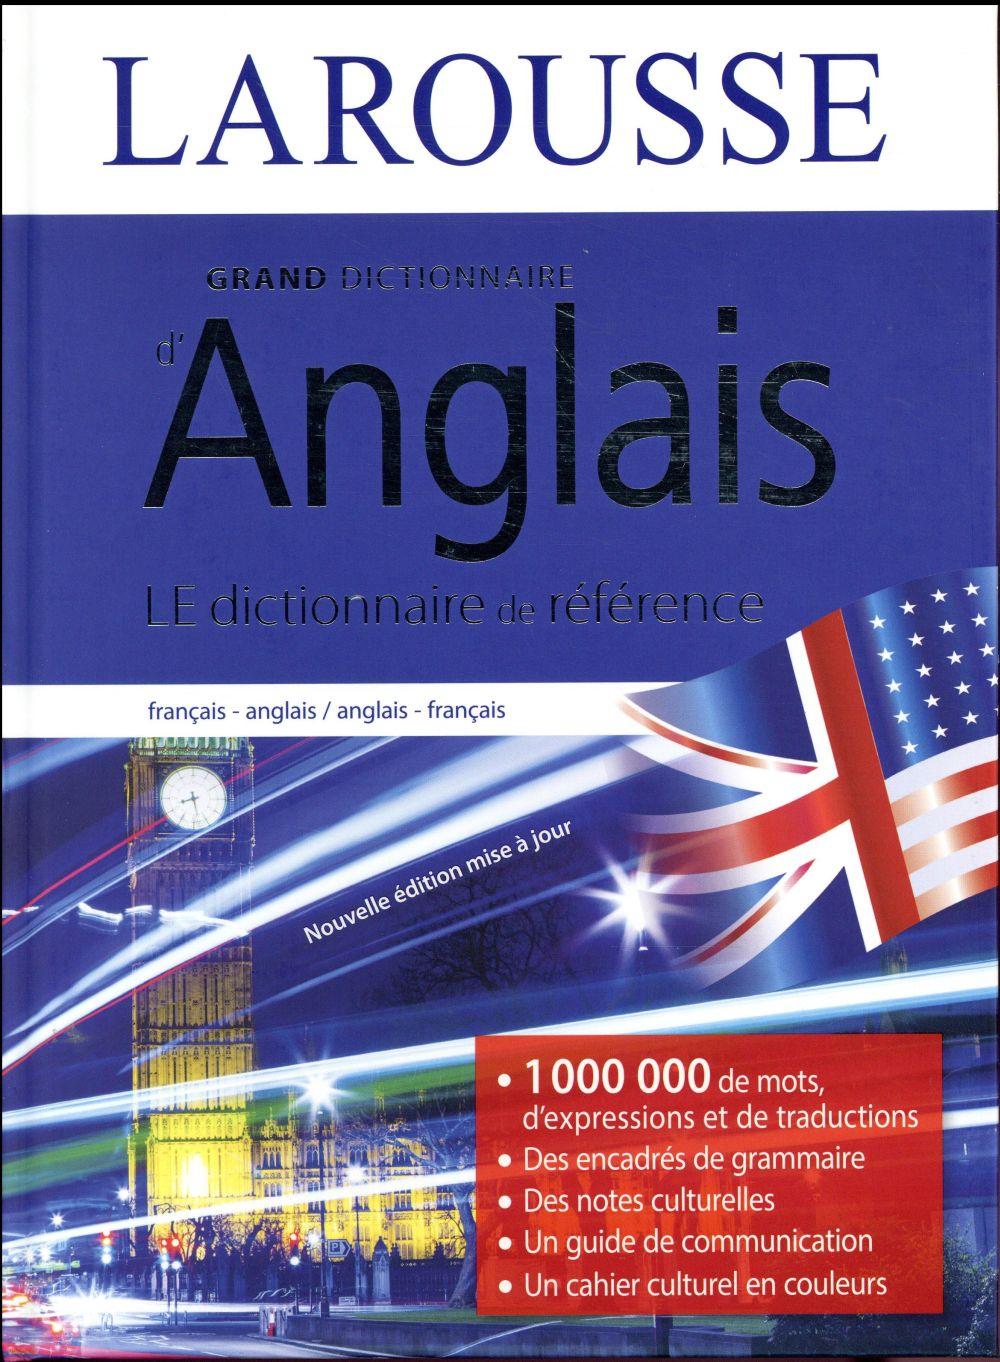 GRAND DICTIONNAIRE ANGLAIS  Larousse